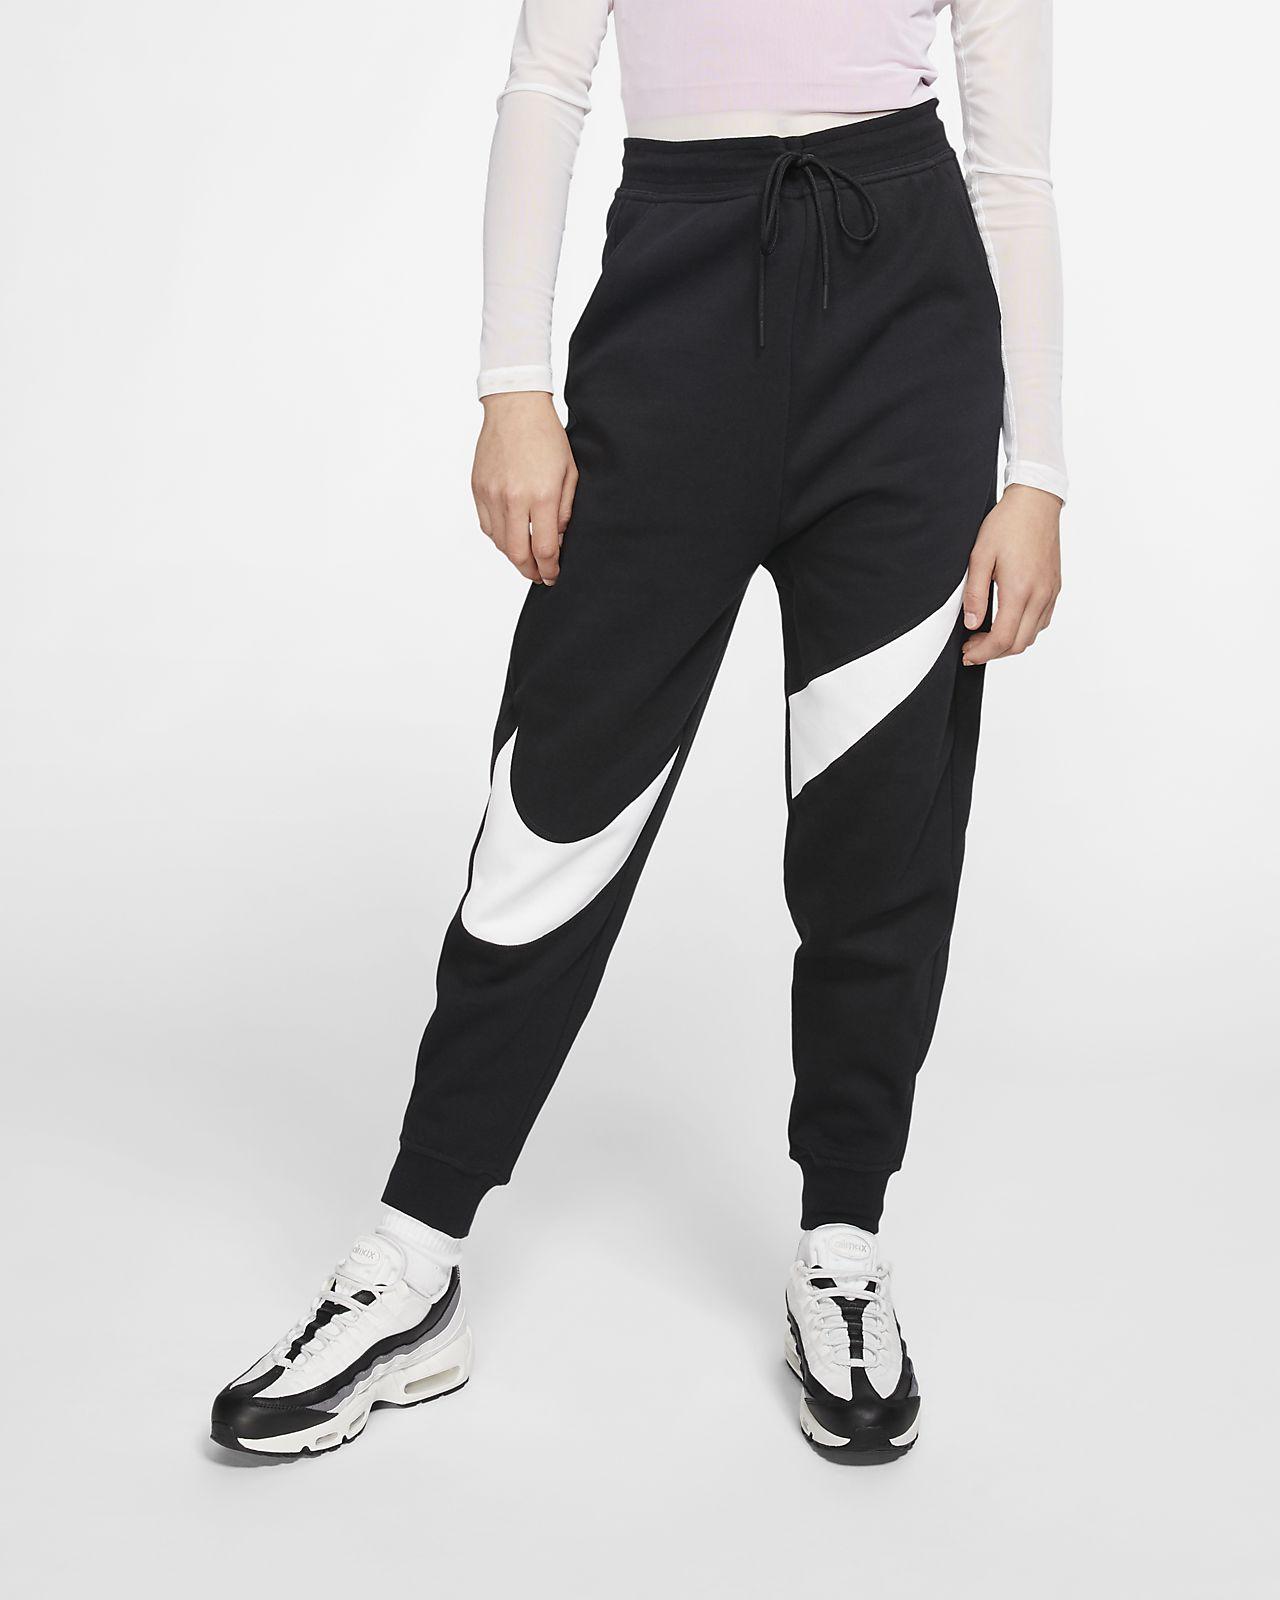 nike sportswear swoosh pantalon homme